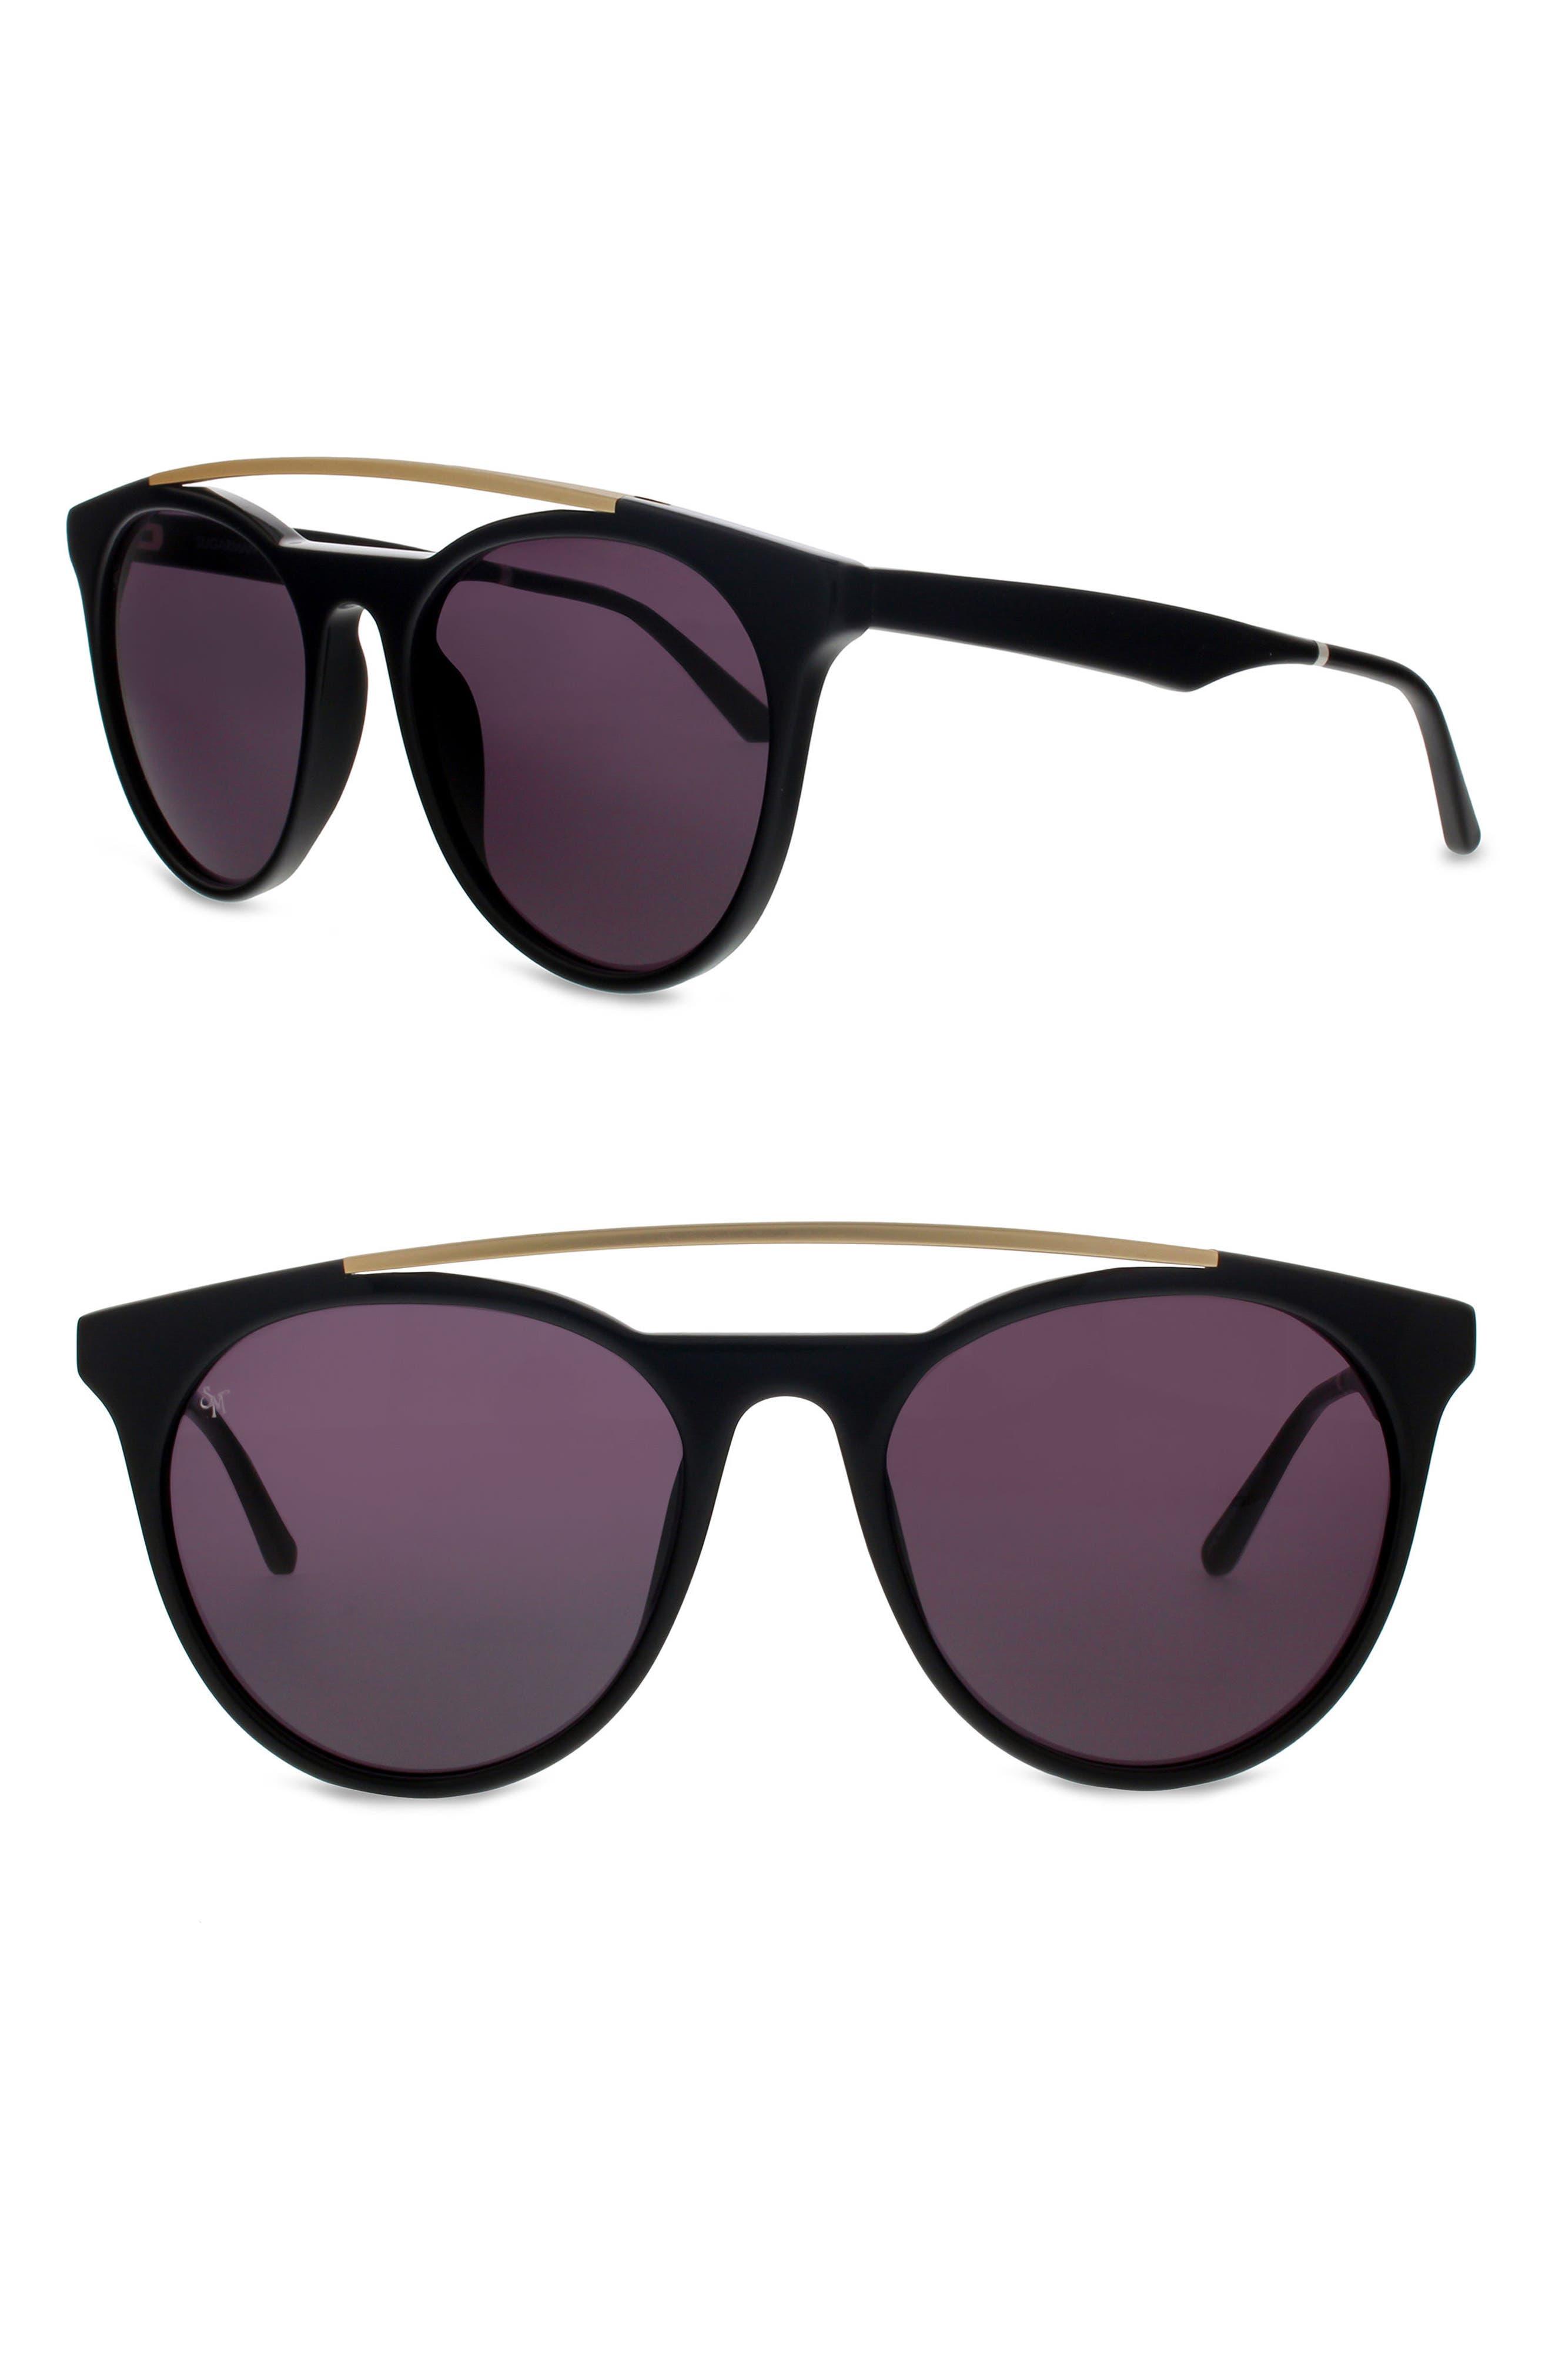 Sugarman 52mm Round Sunglasses,                         Main,                         color, Black/ Matte Gold